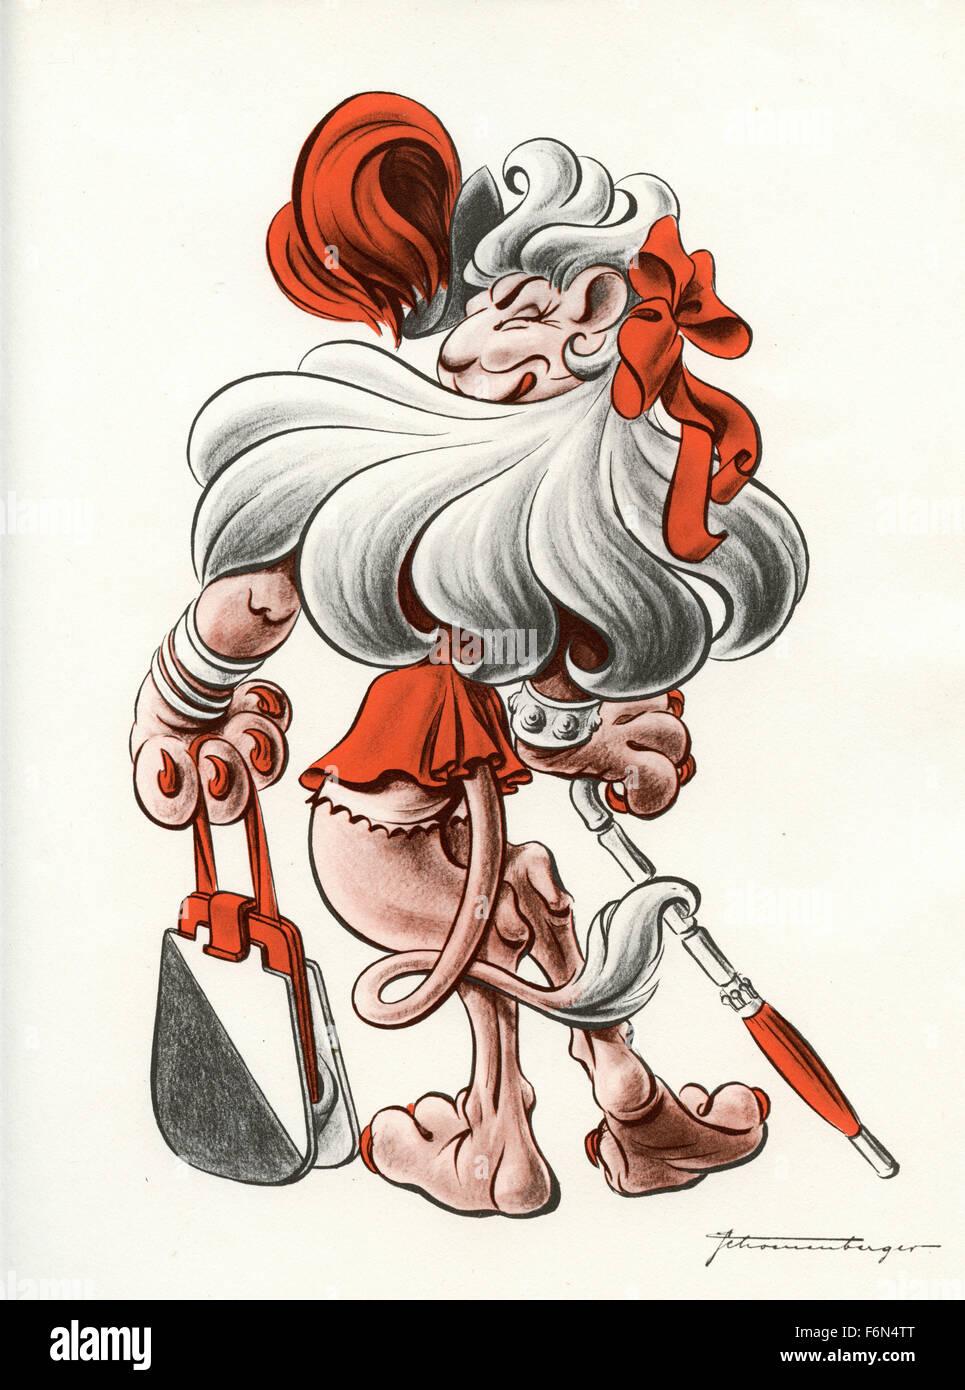 Deutschen satirischen Illustrationen 1950: ein Löwe anthropomorphized Stockbild